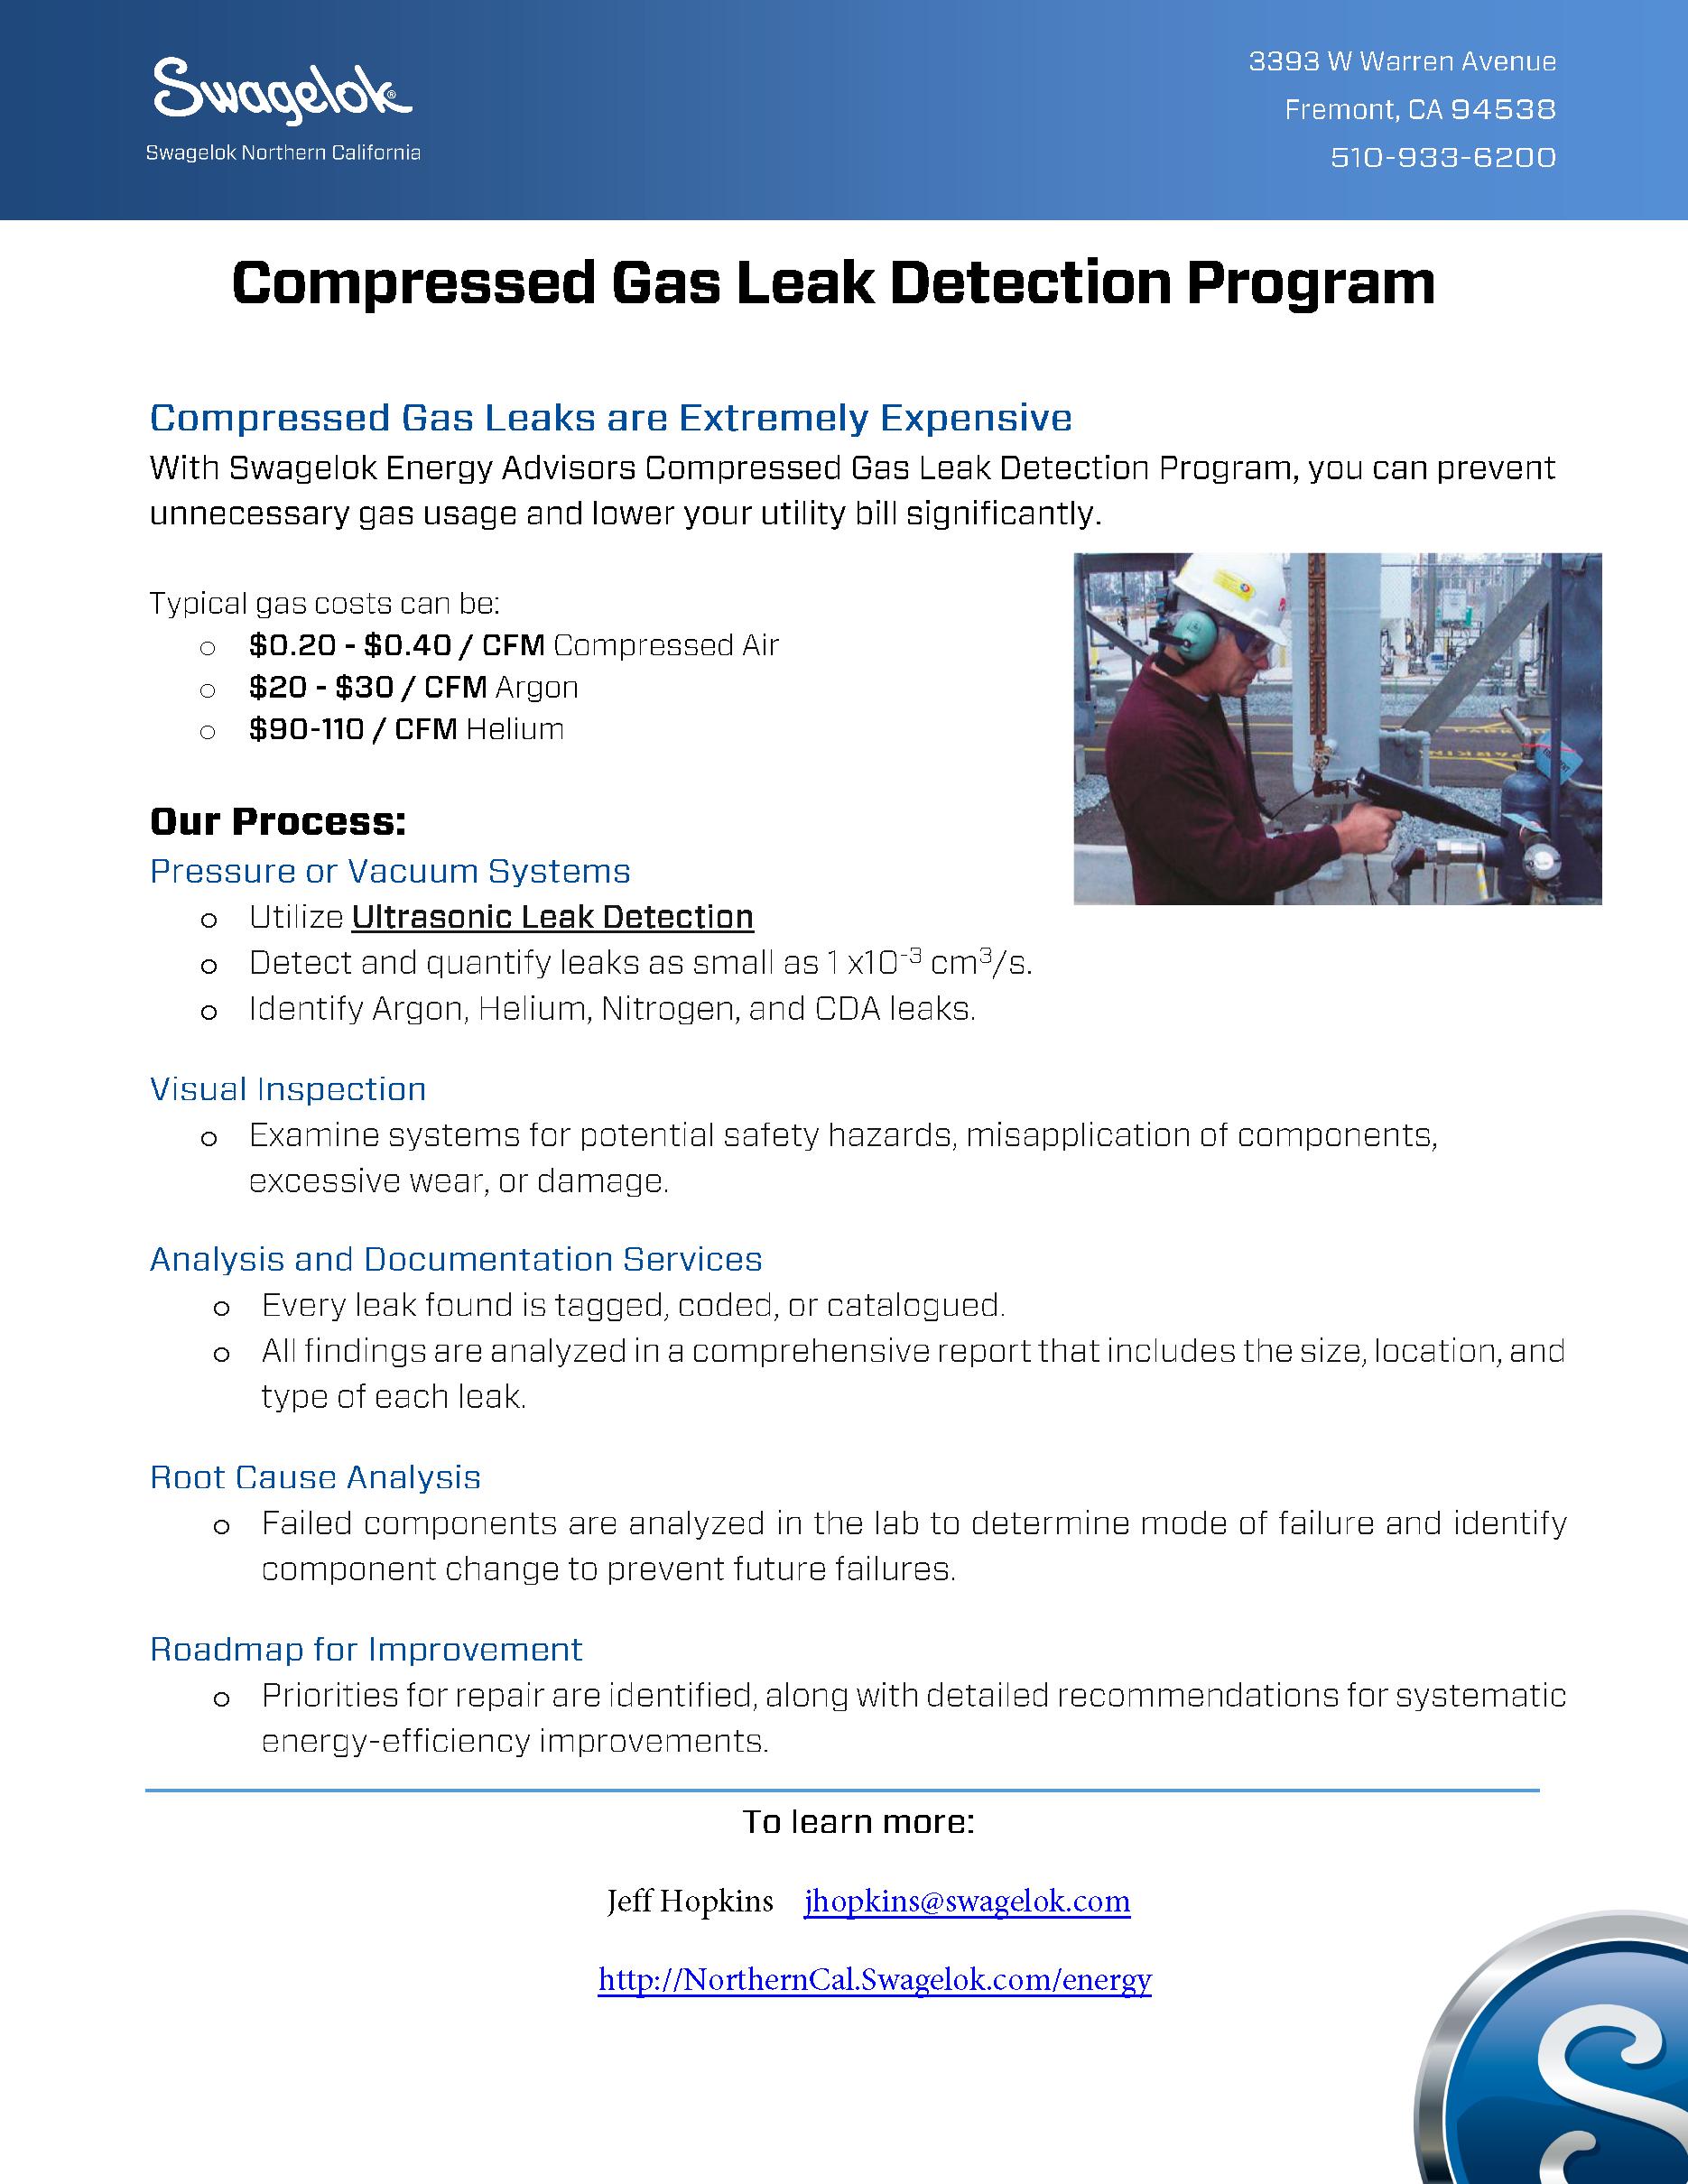 Swagelok-Compressed-Gas-Leak-Detection-Program.png